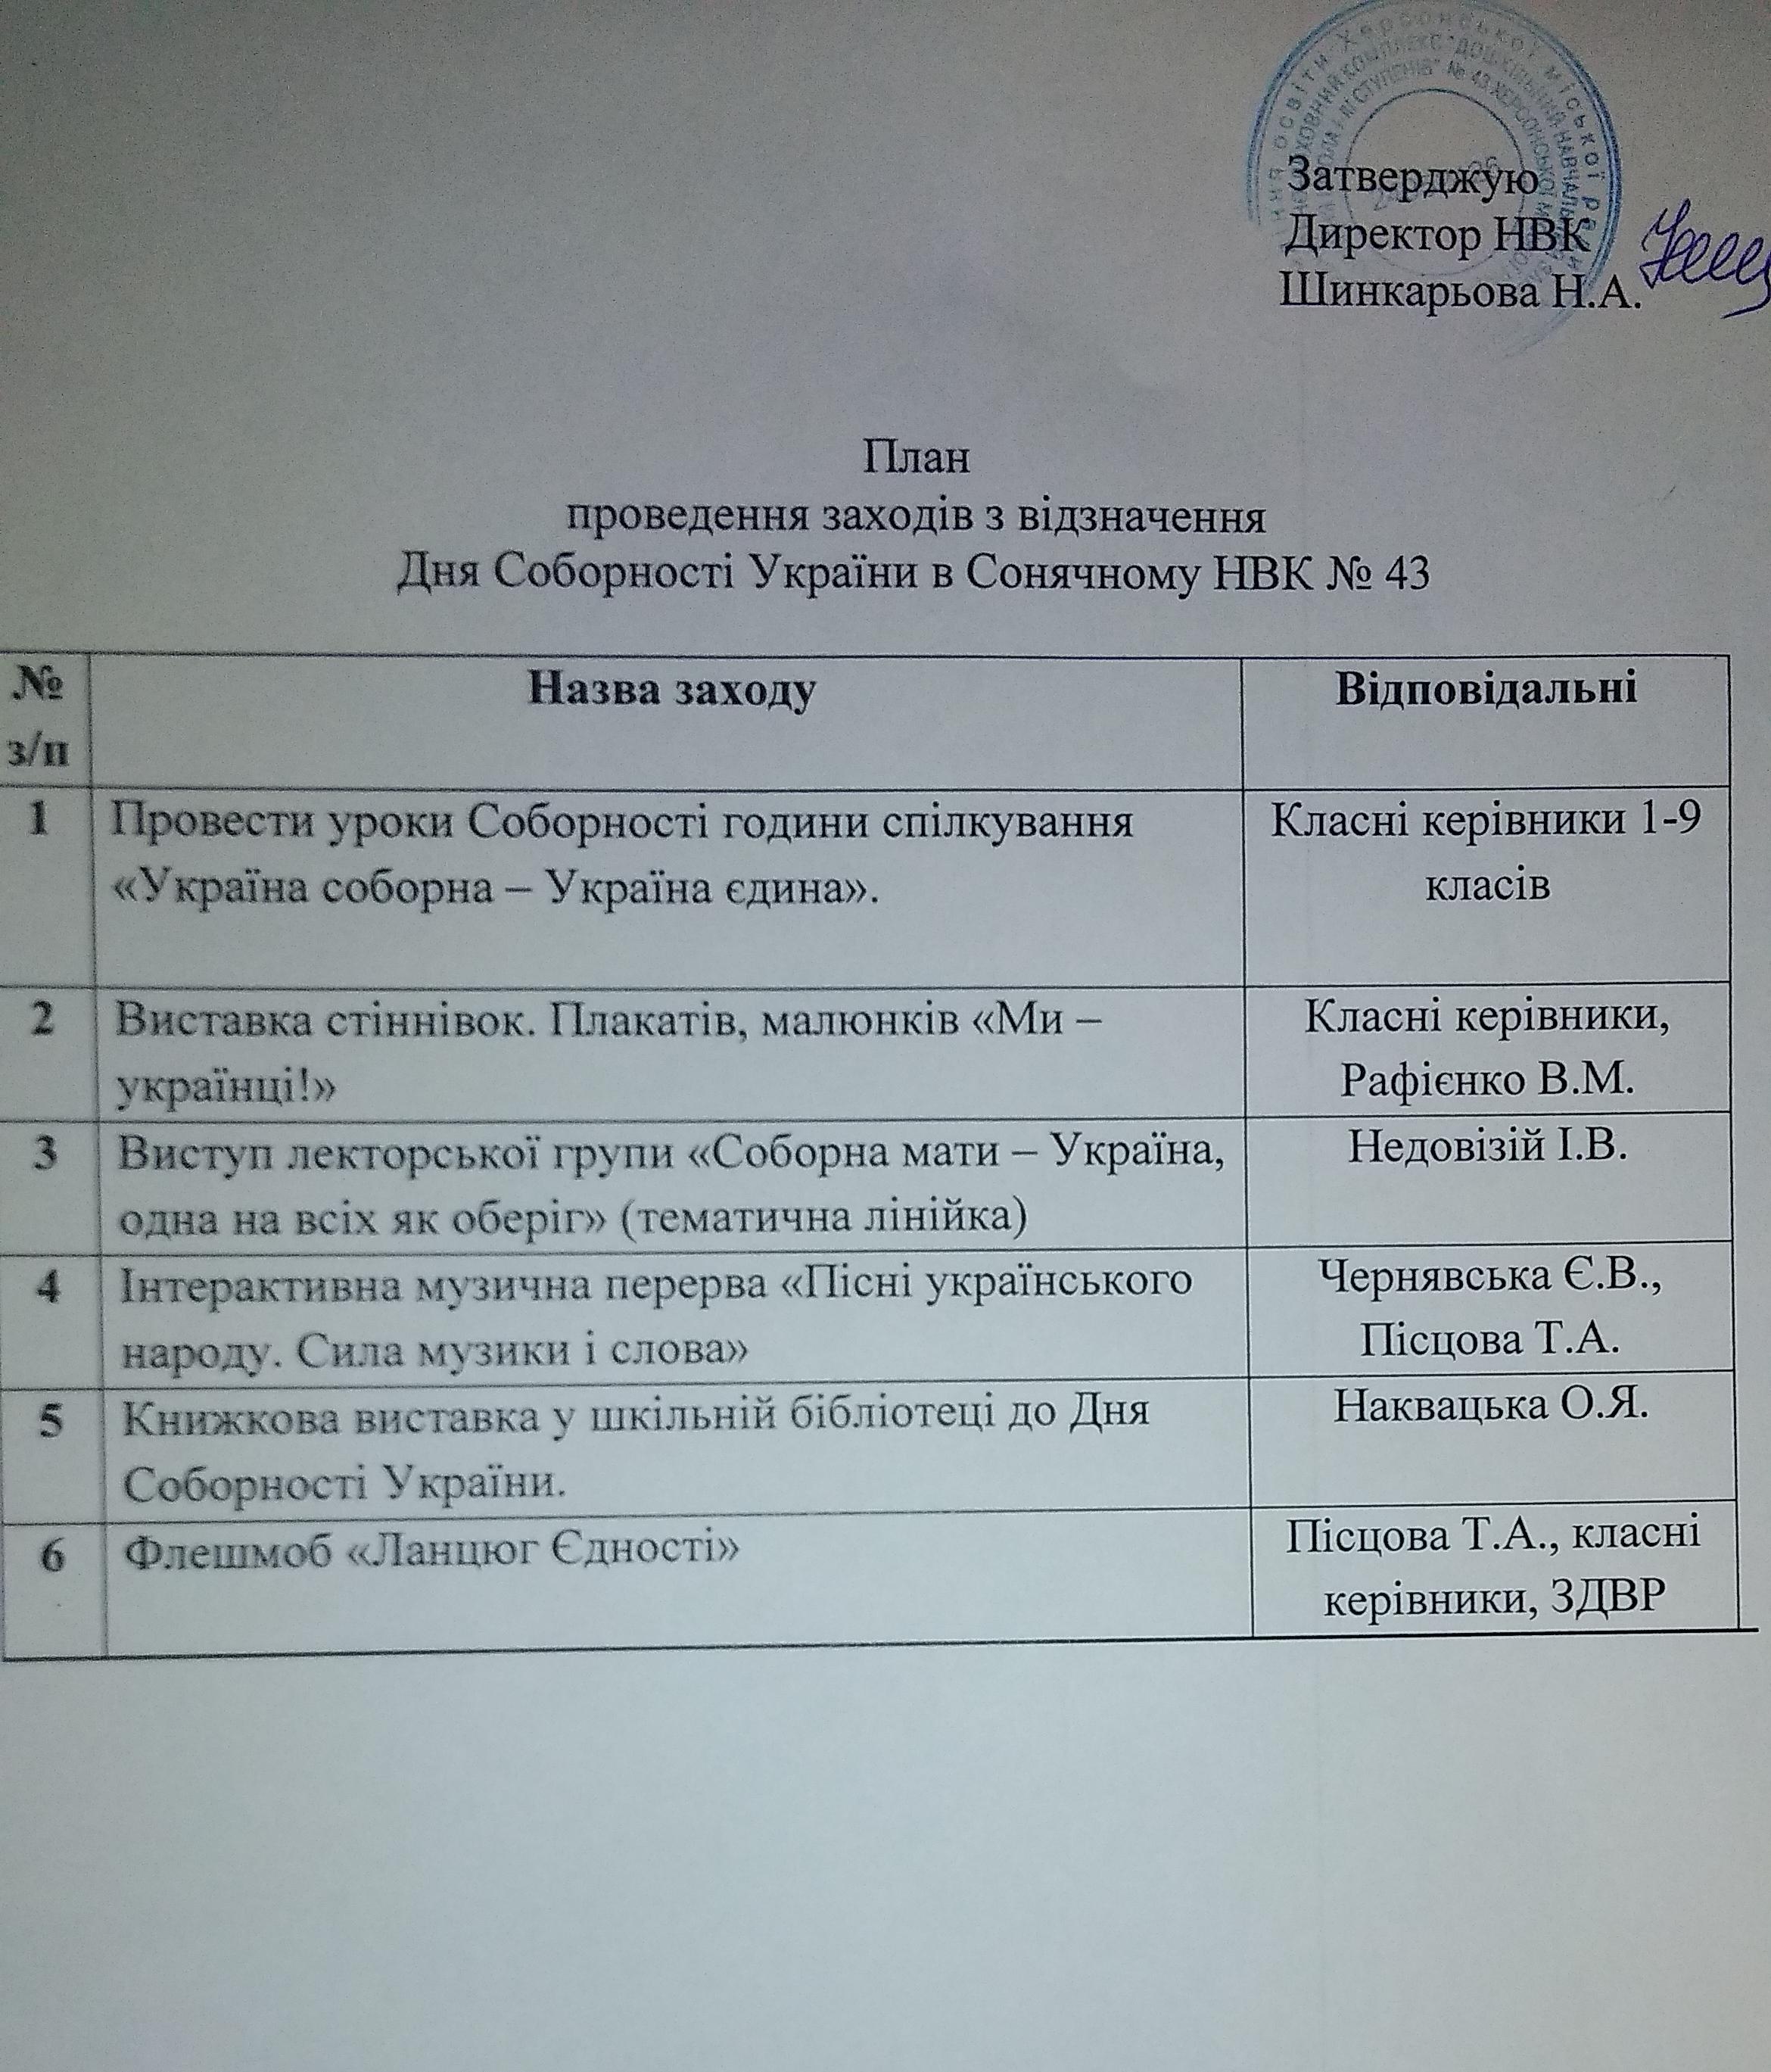 http://sannvk43.ucoz.net/17/IMG_20190117_151401.jpg